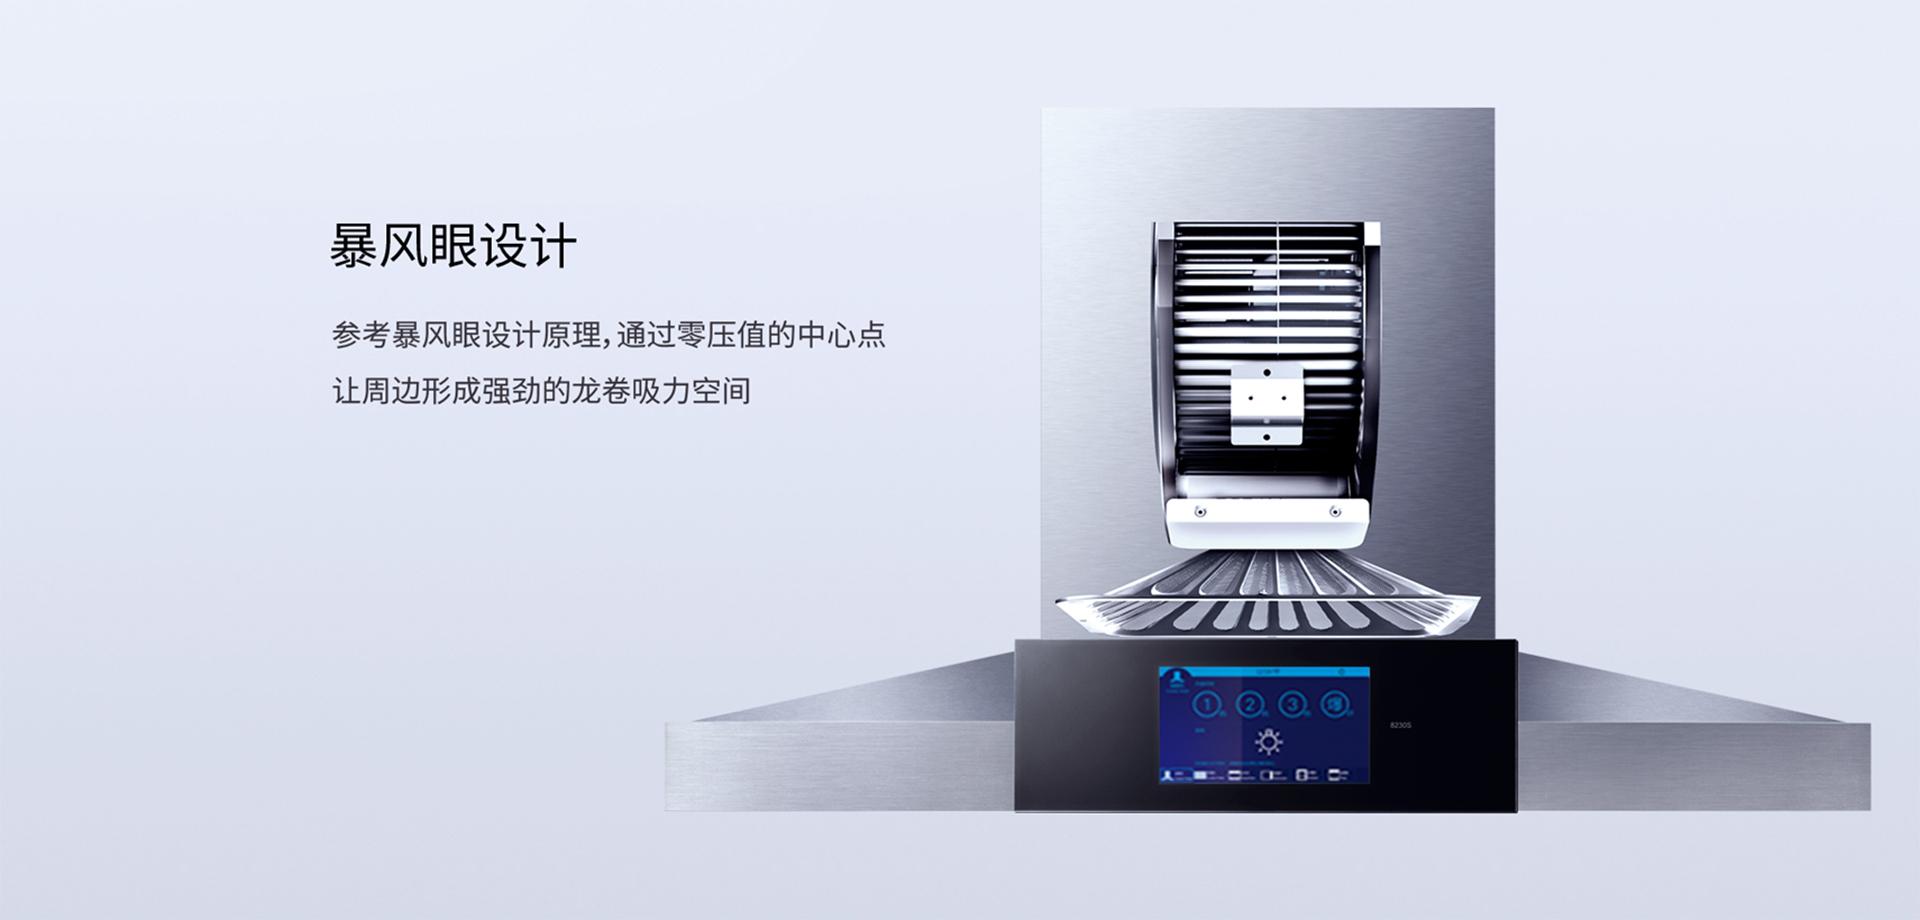 8230s优化-PC_06.jpg